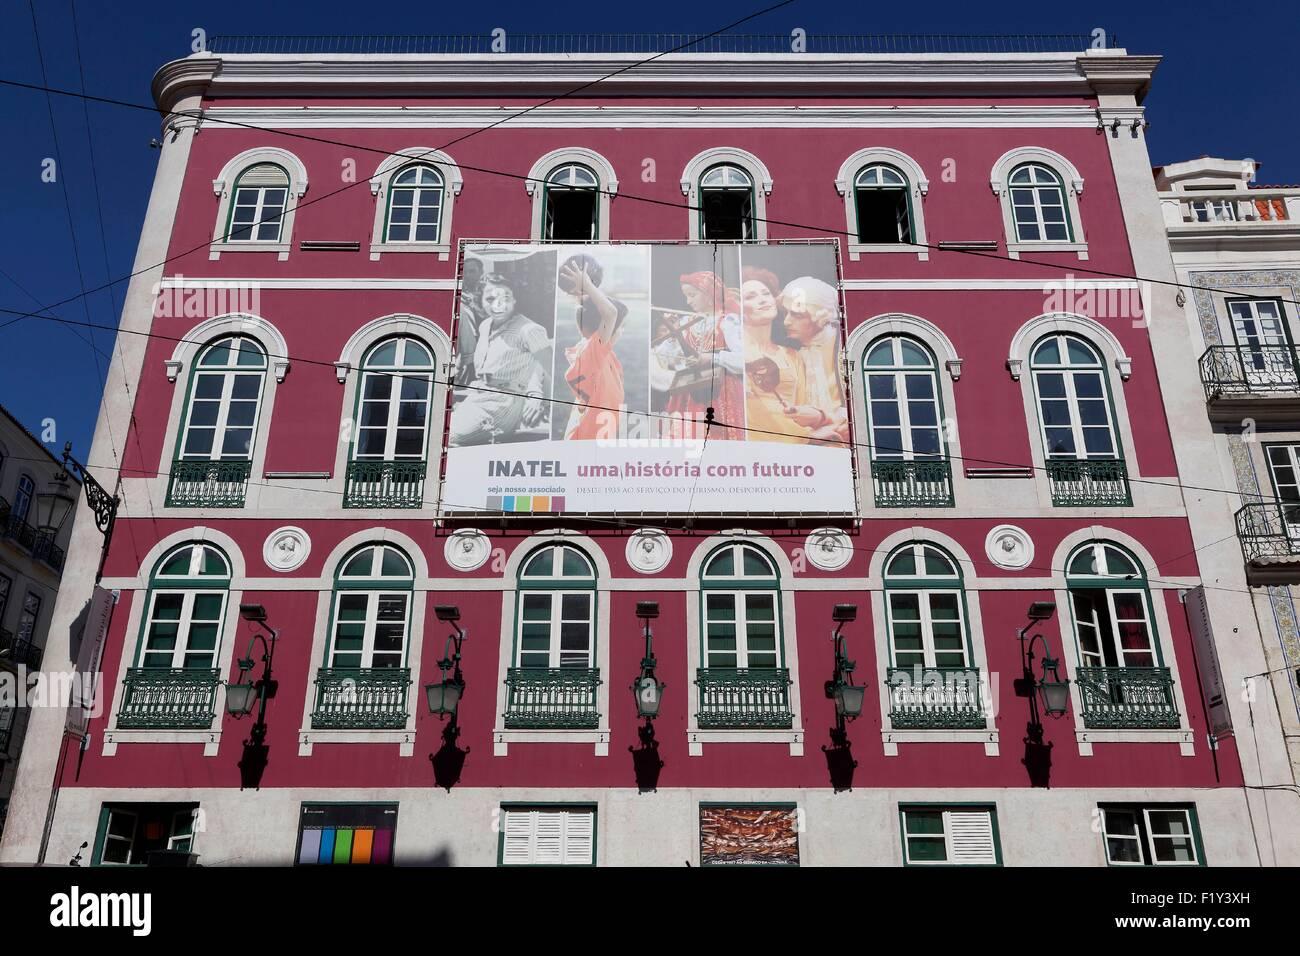 Portugal, Lisbon, Bairro Alto, building facade - Stock Image